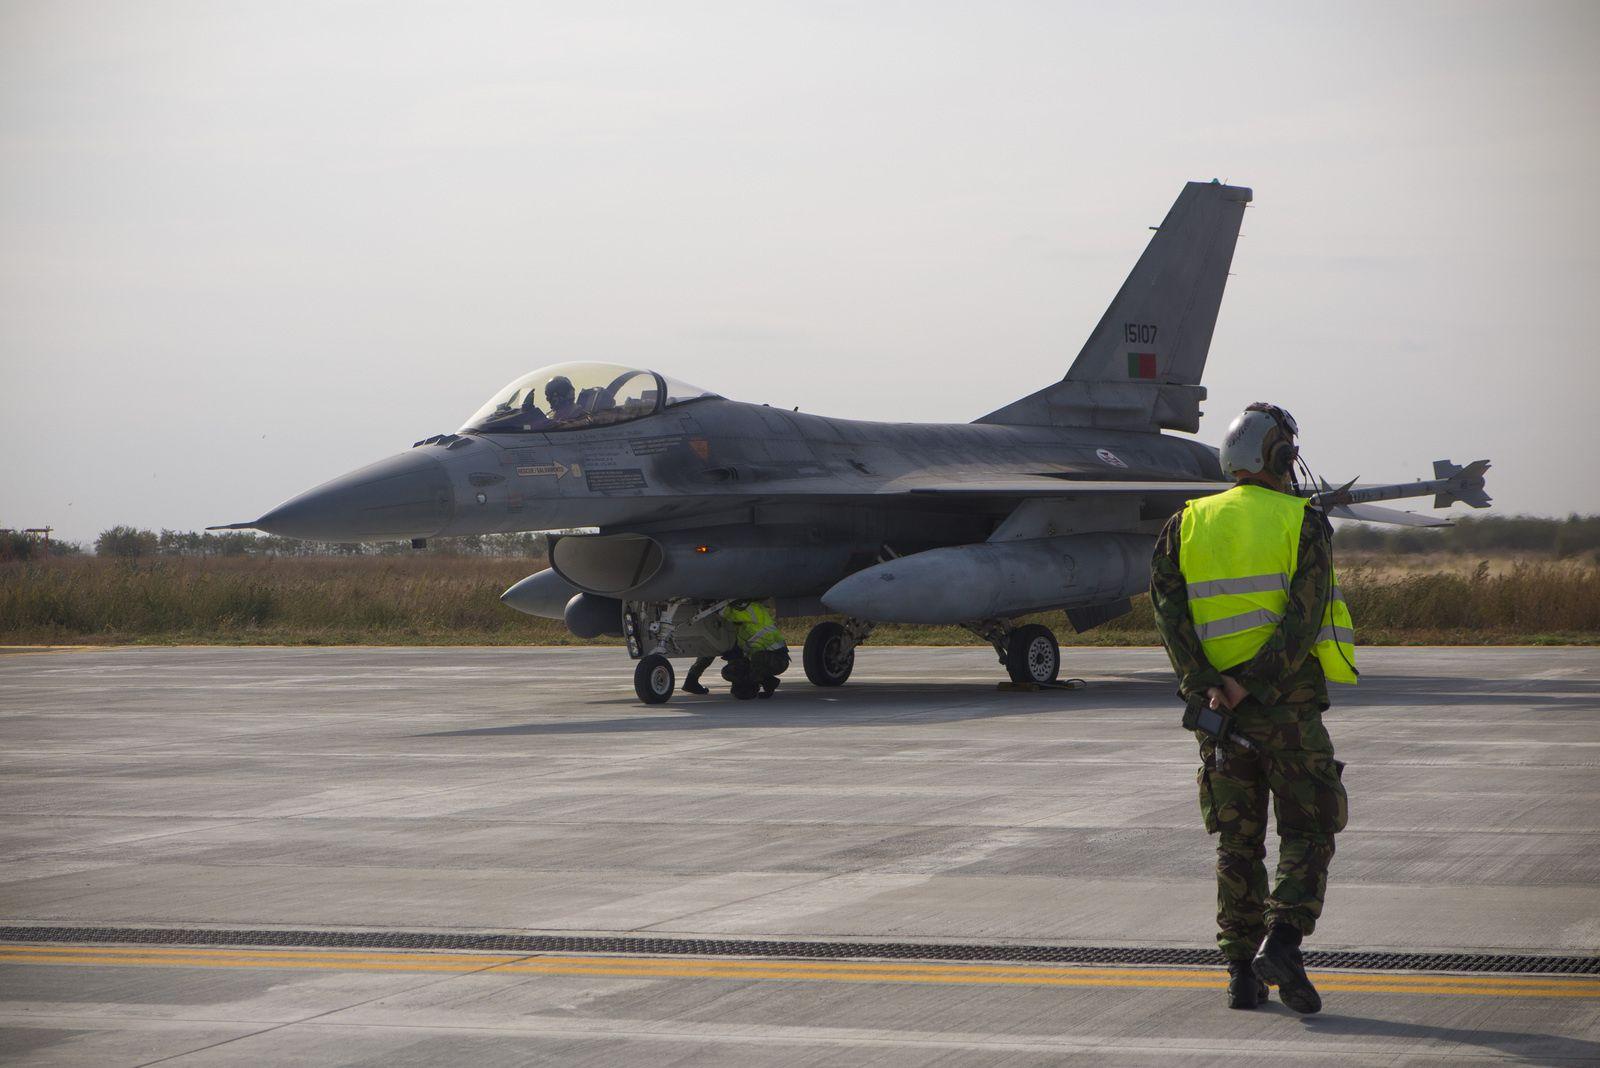 © FAP - Un F-16AM de la Força Aérea Portuguesa sur la base aérienne deBorcea, en Roumanie.